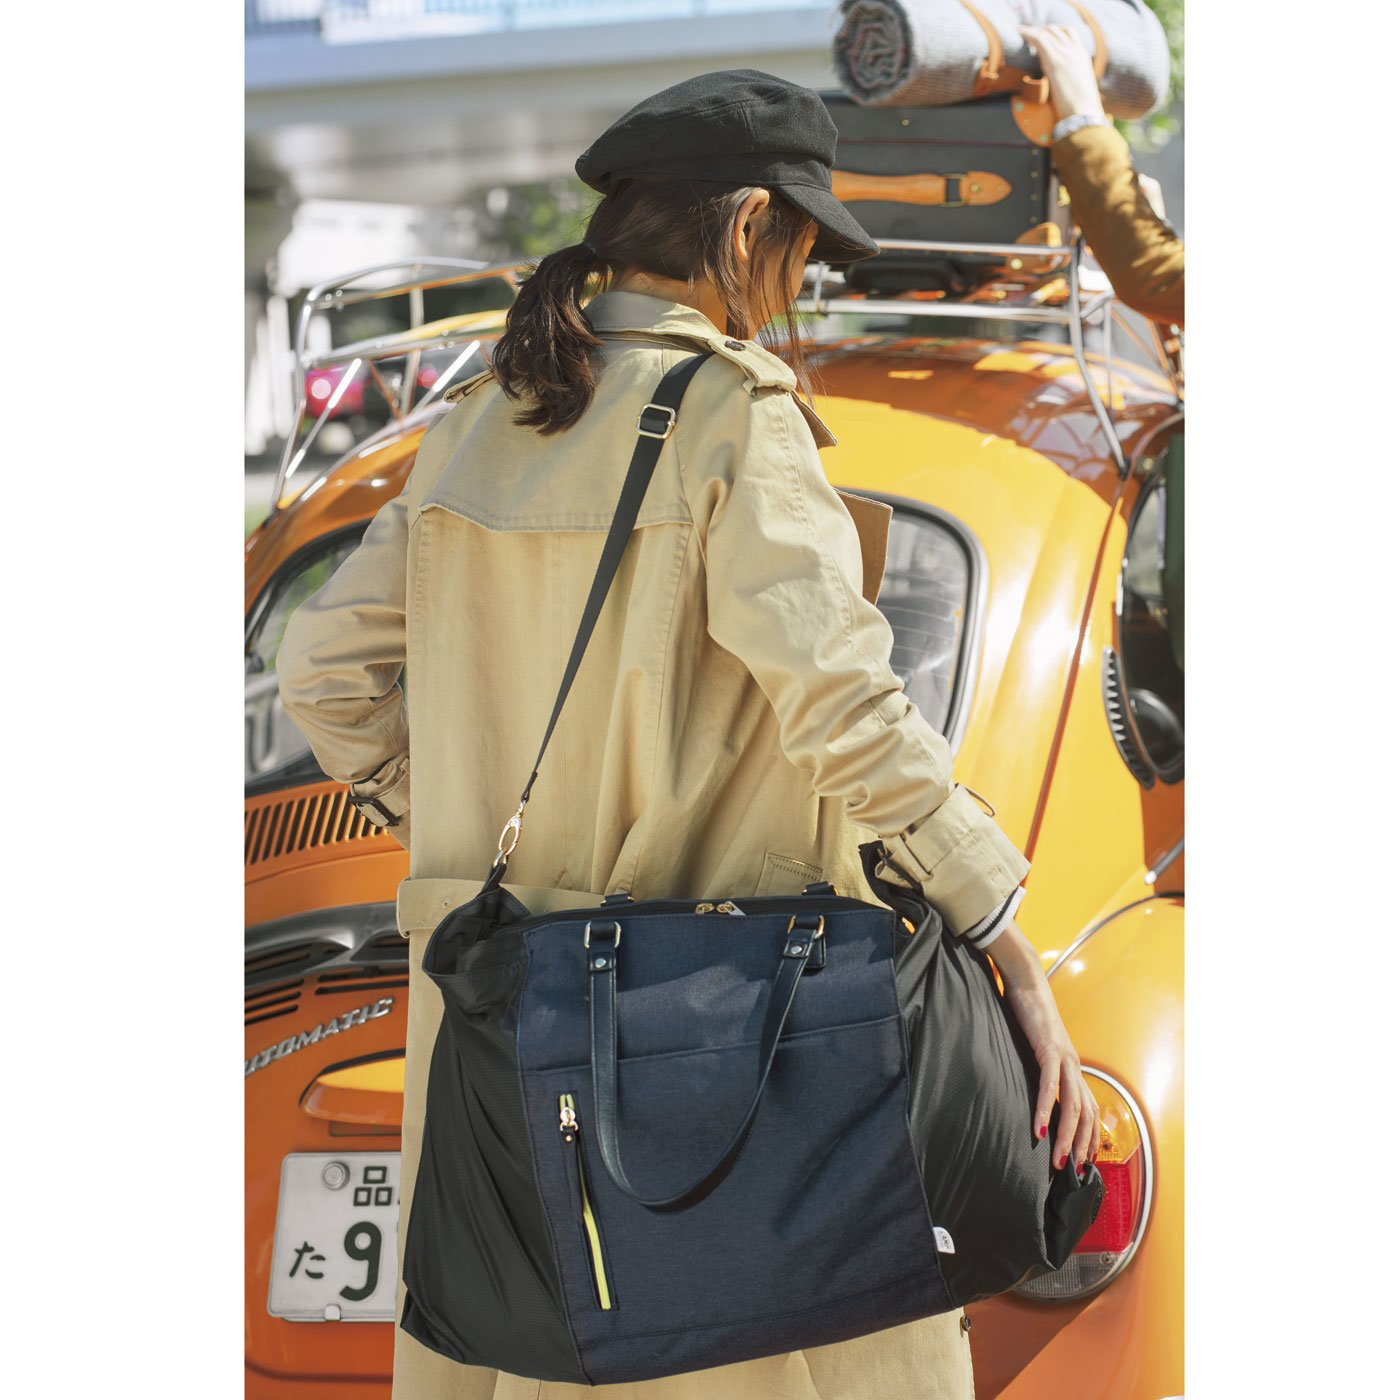 サブバッグいらず 荷物に合わせてサイズが変わるサイドロールバッグの会